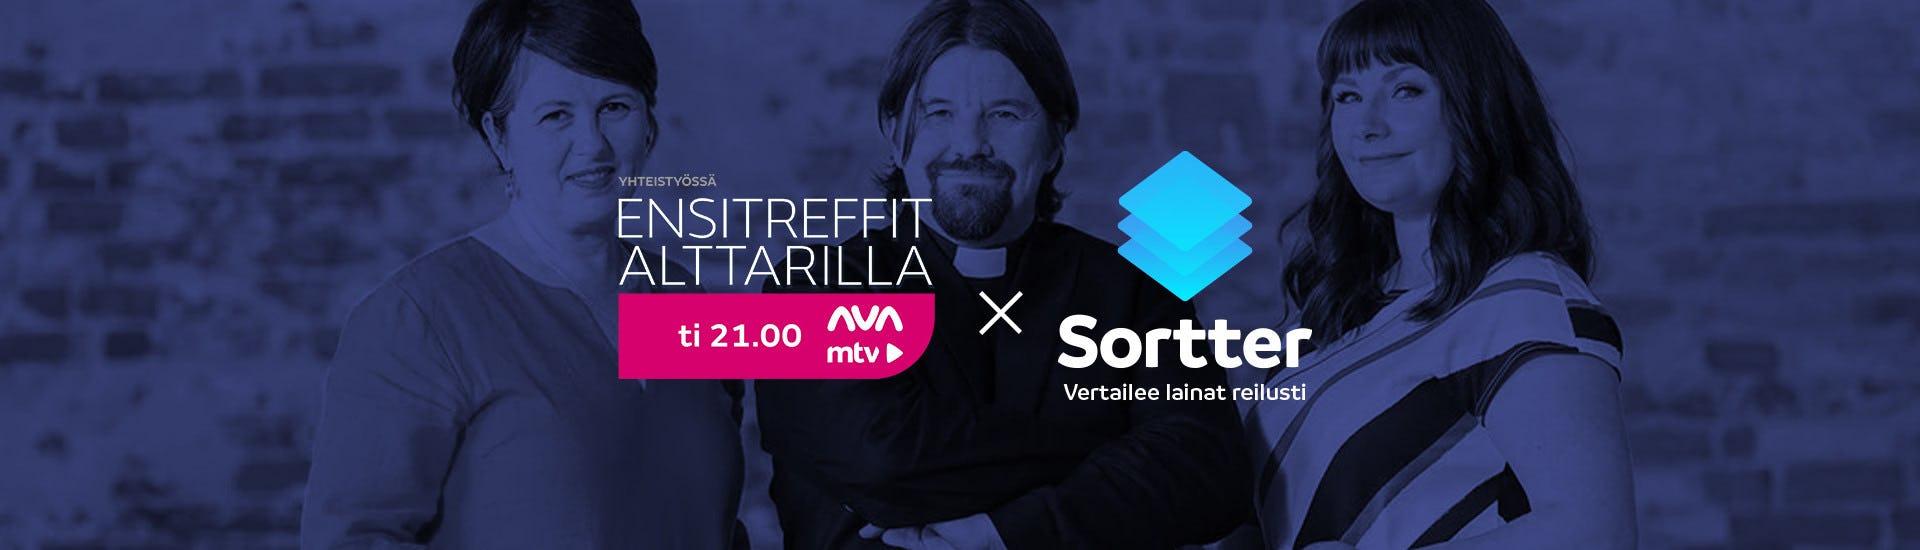 Sortter on Ensitreffit alttarilla -sarjan pääyhteistyökumppani.